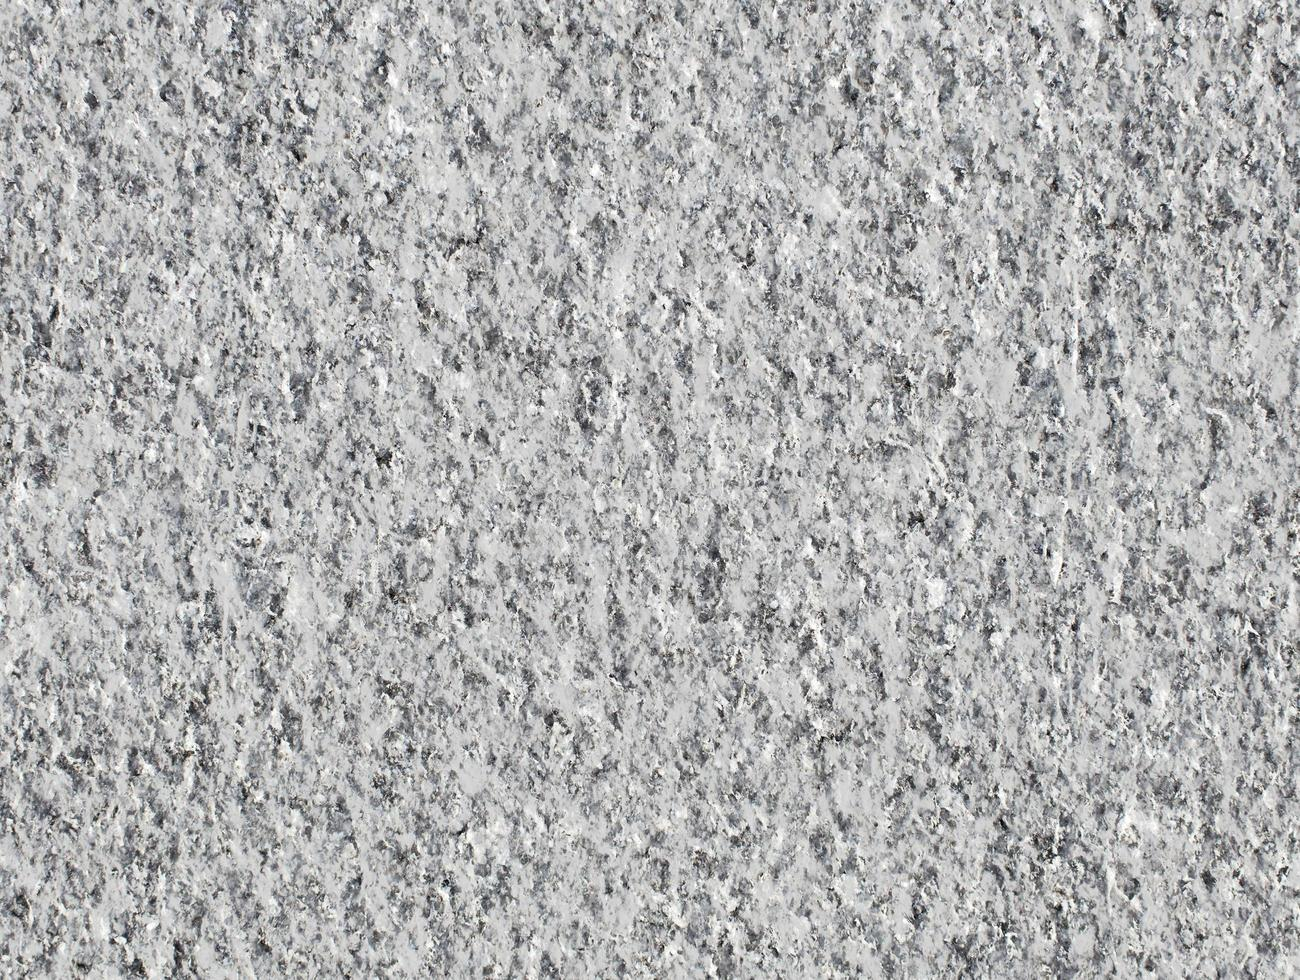 granitvägg konsistens foto